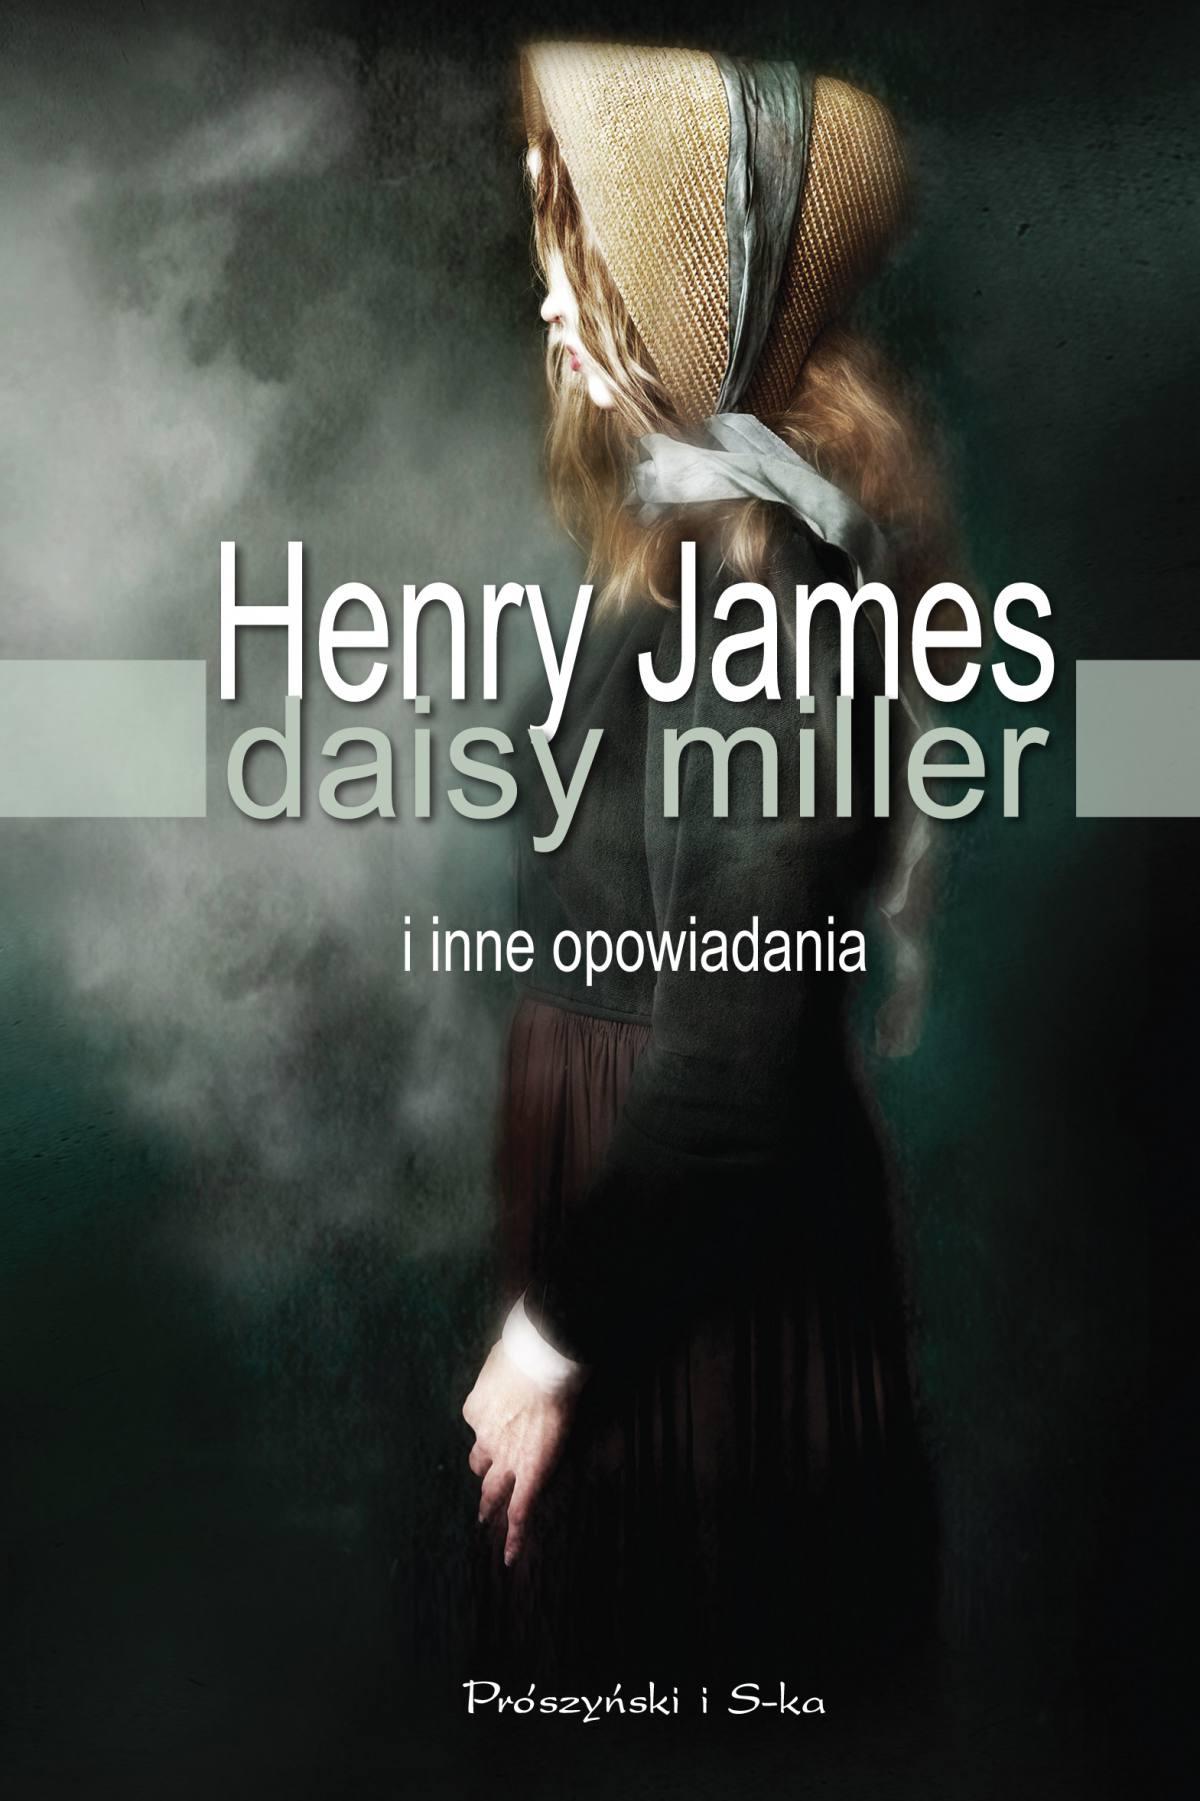 Daisy Miller i inne opowiadania - Ebook (Książka na Kindle) do pobrania w formacie MOBI